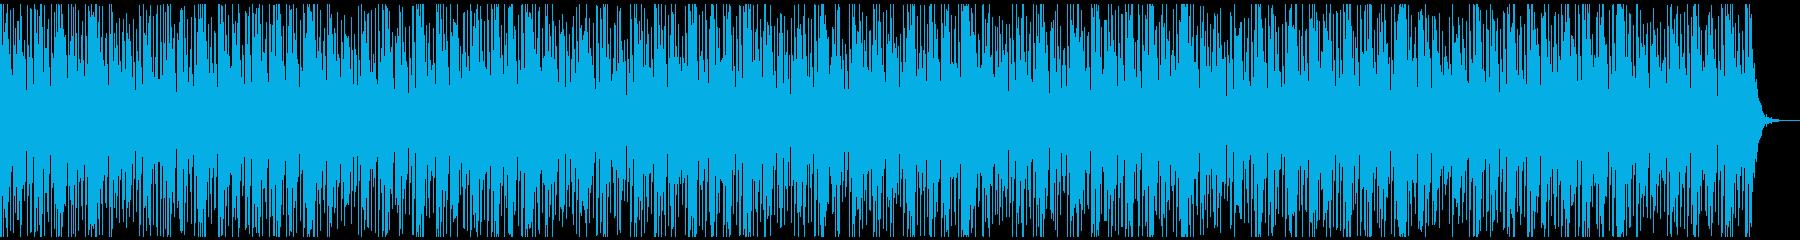 [ニュース報道]無機質:フラット:11の再生済みの波形